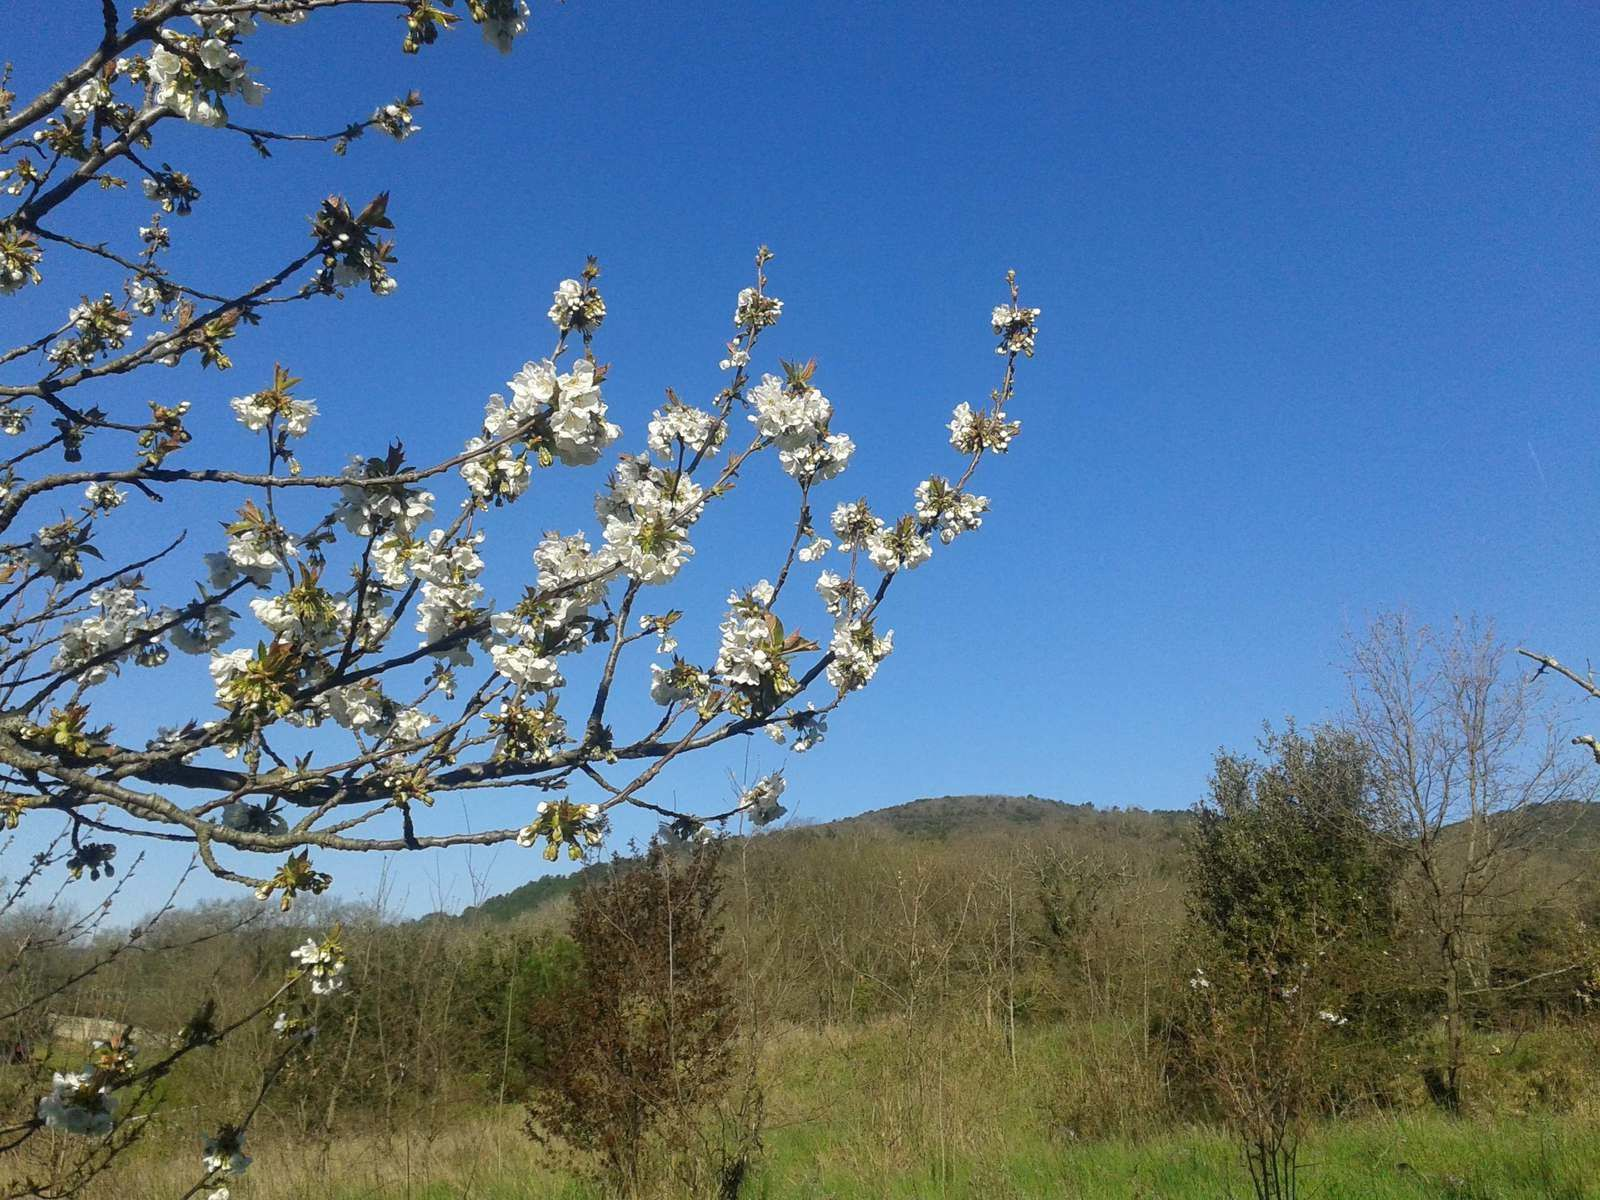 Malgré le vent et le froid c'est une belle journée qui s'annonce. Et les cerisiers sont en fleurs!